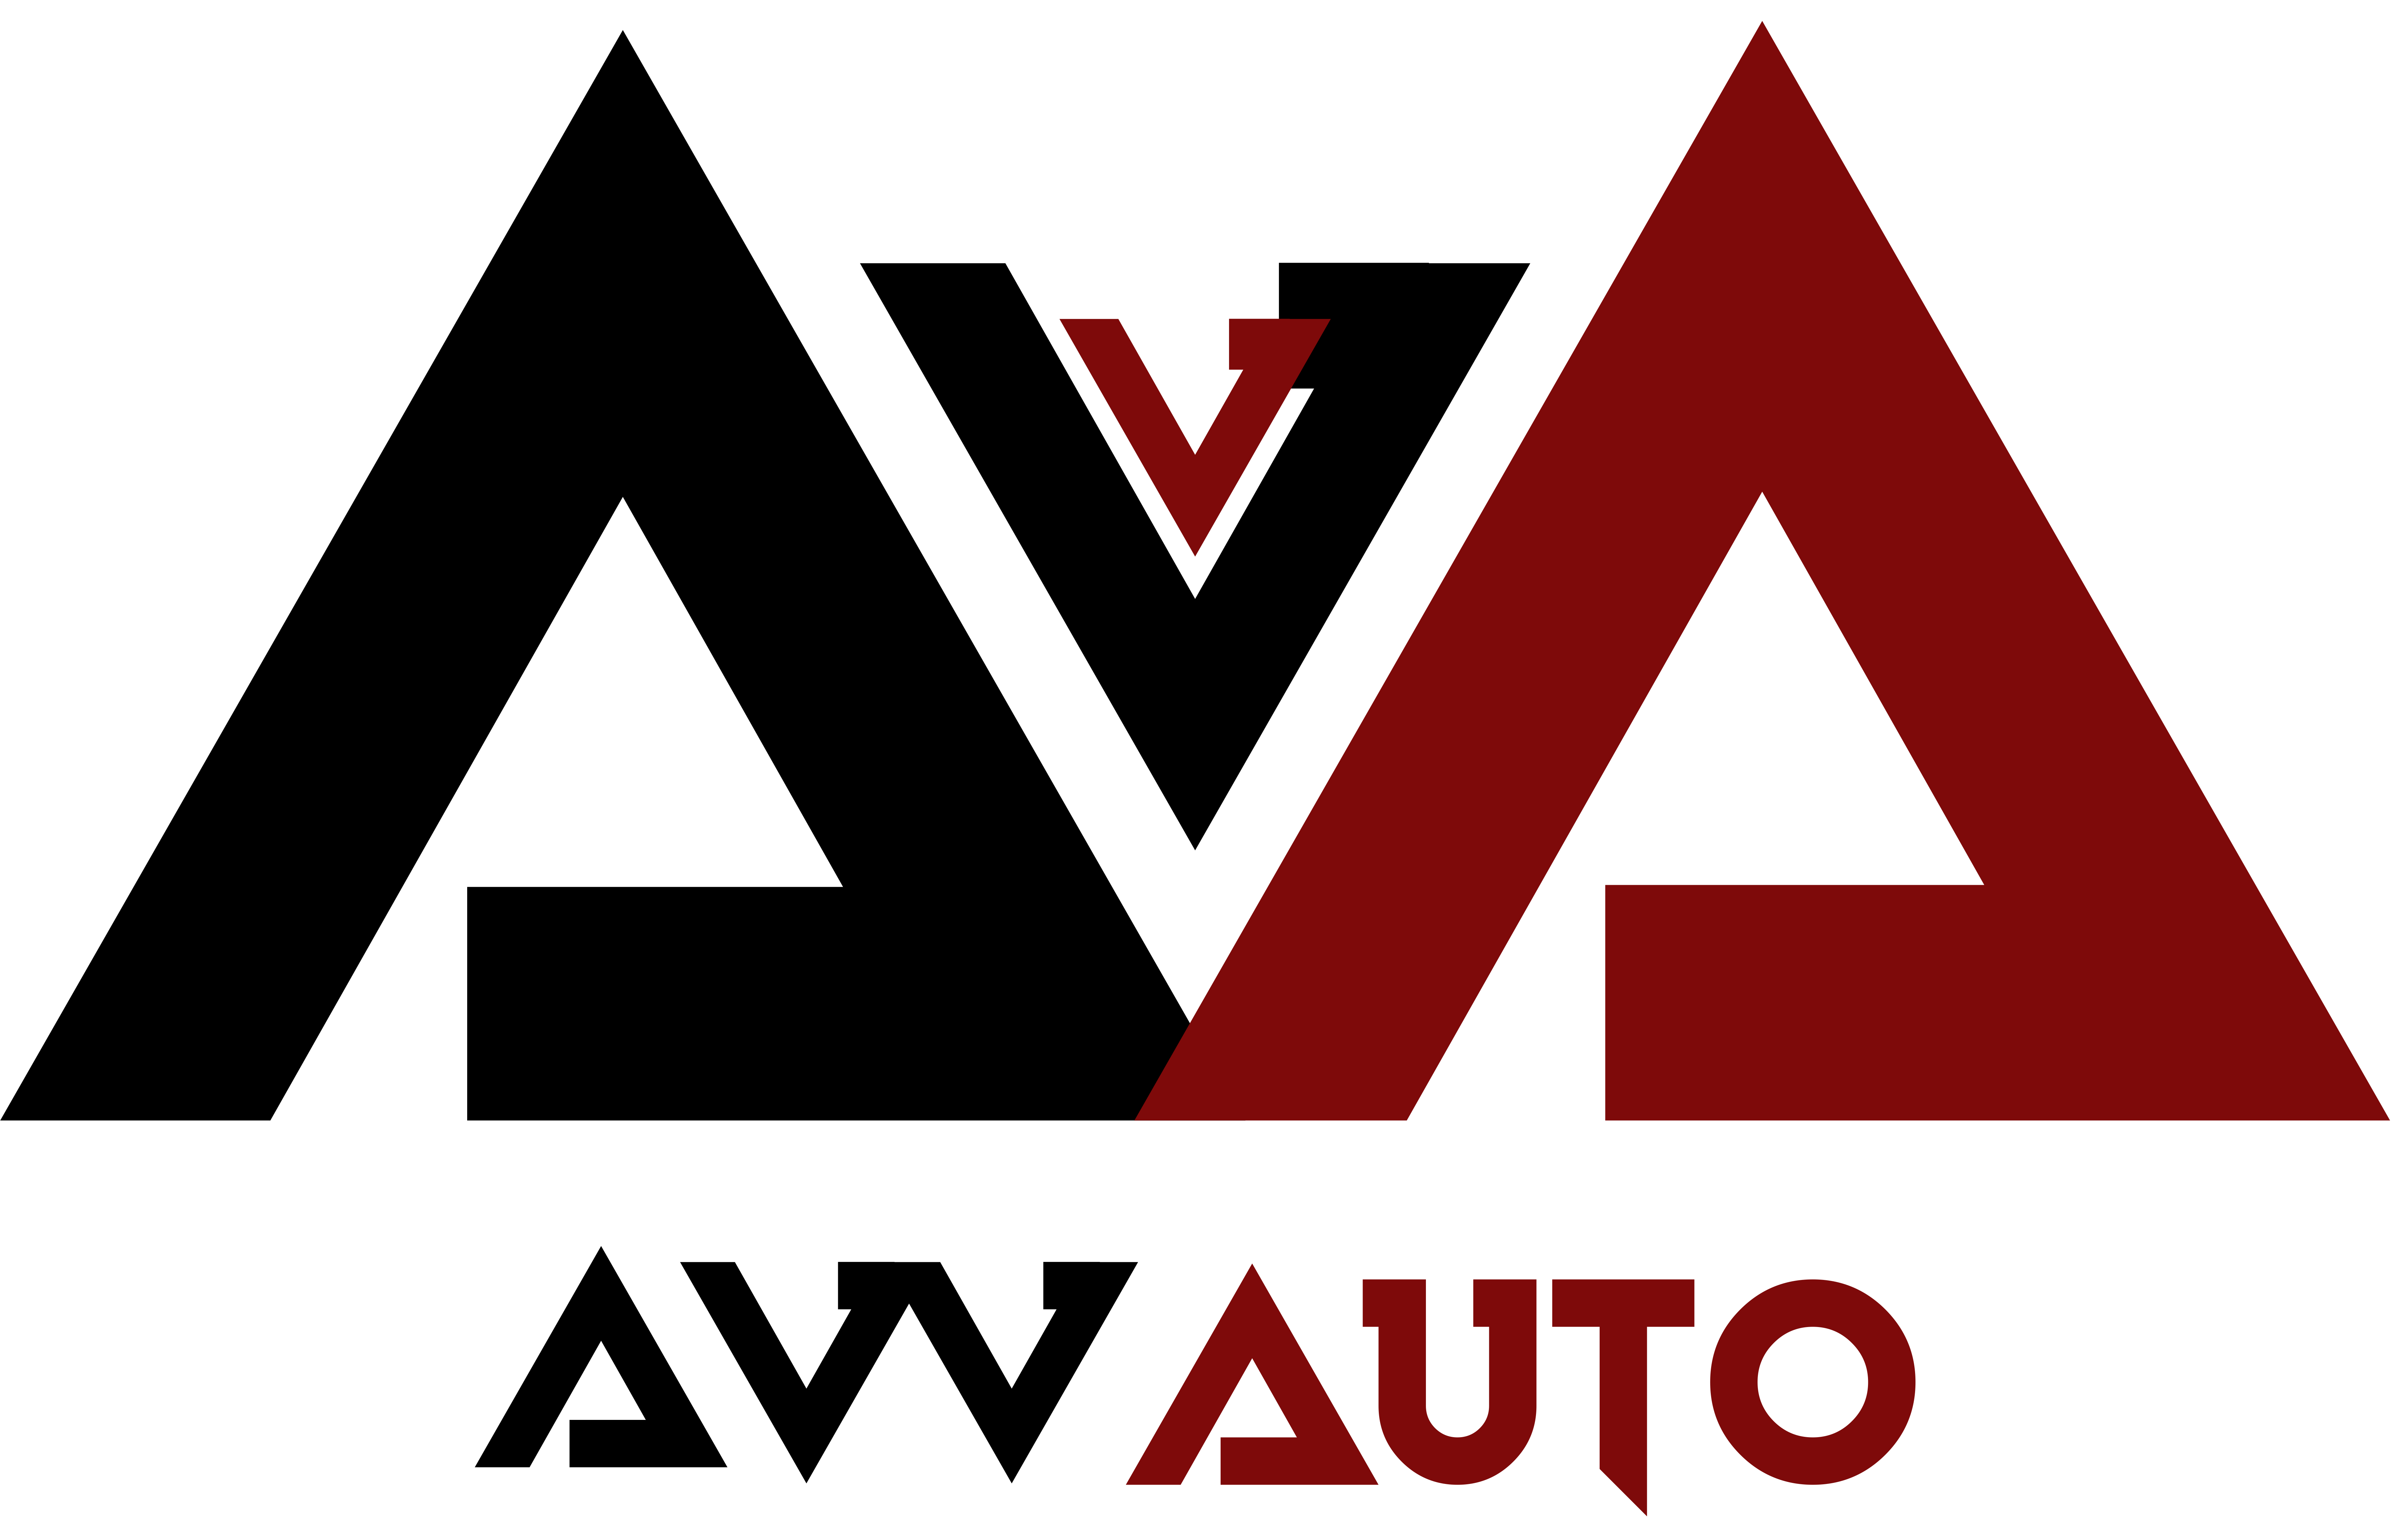 AVV Auto